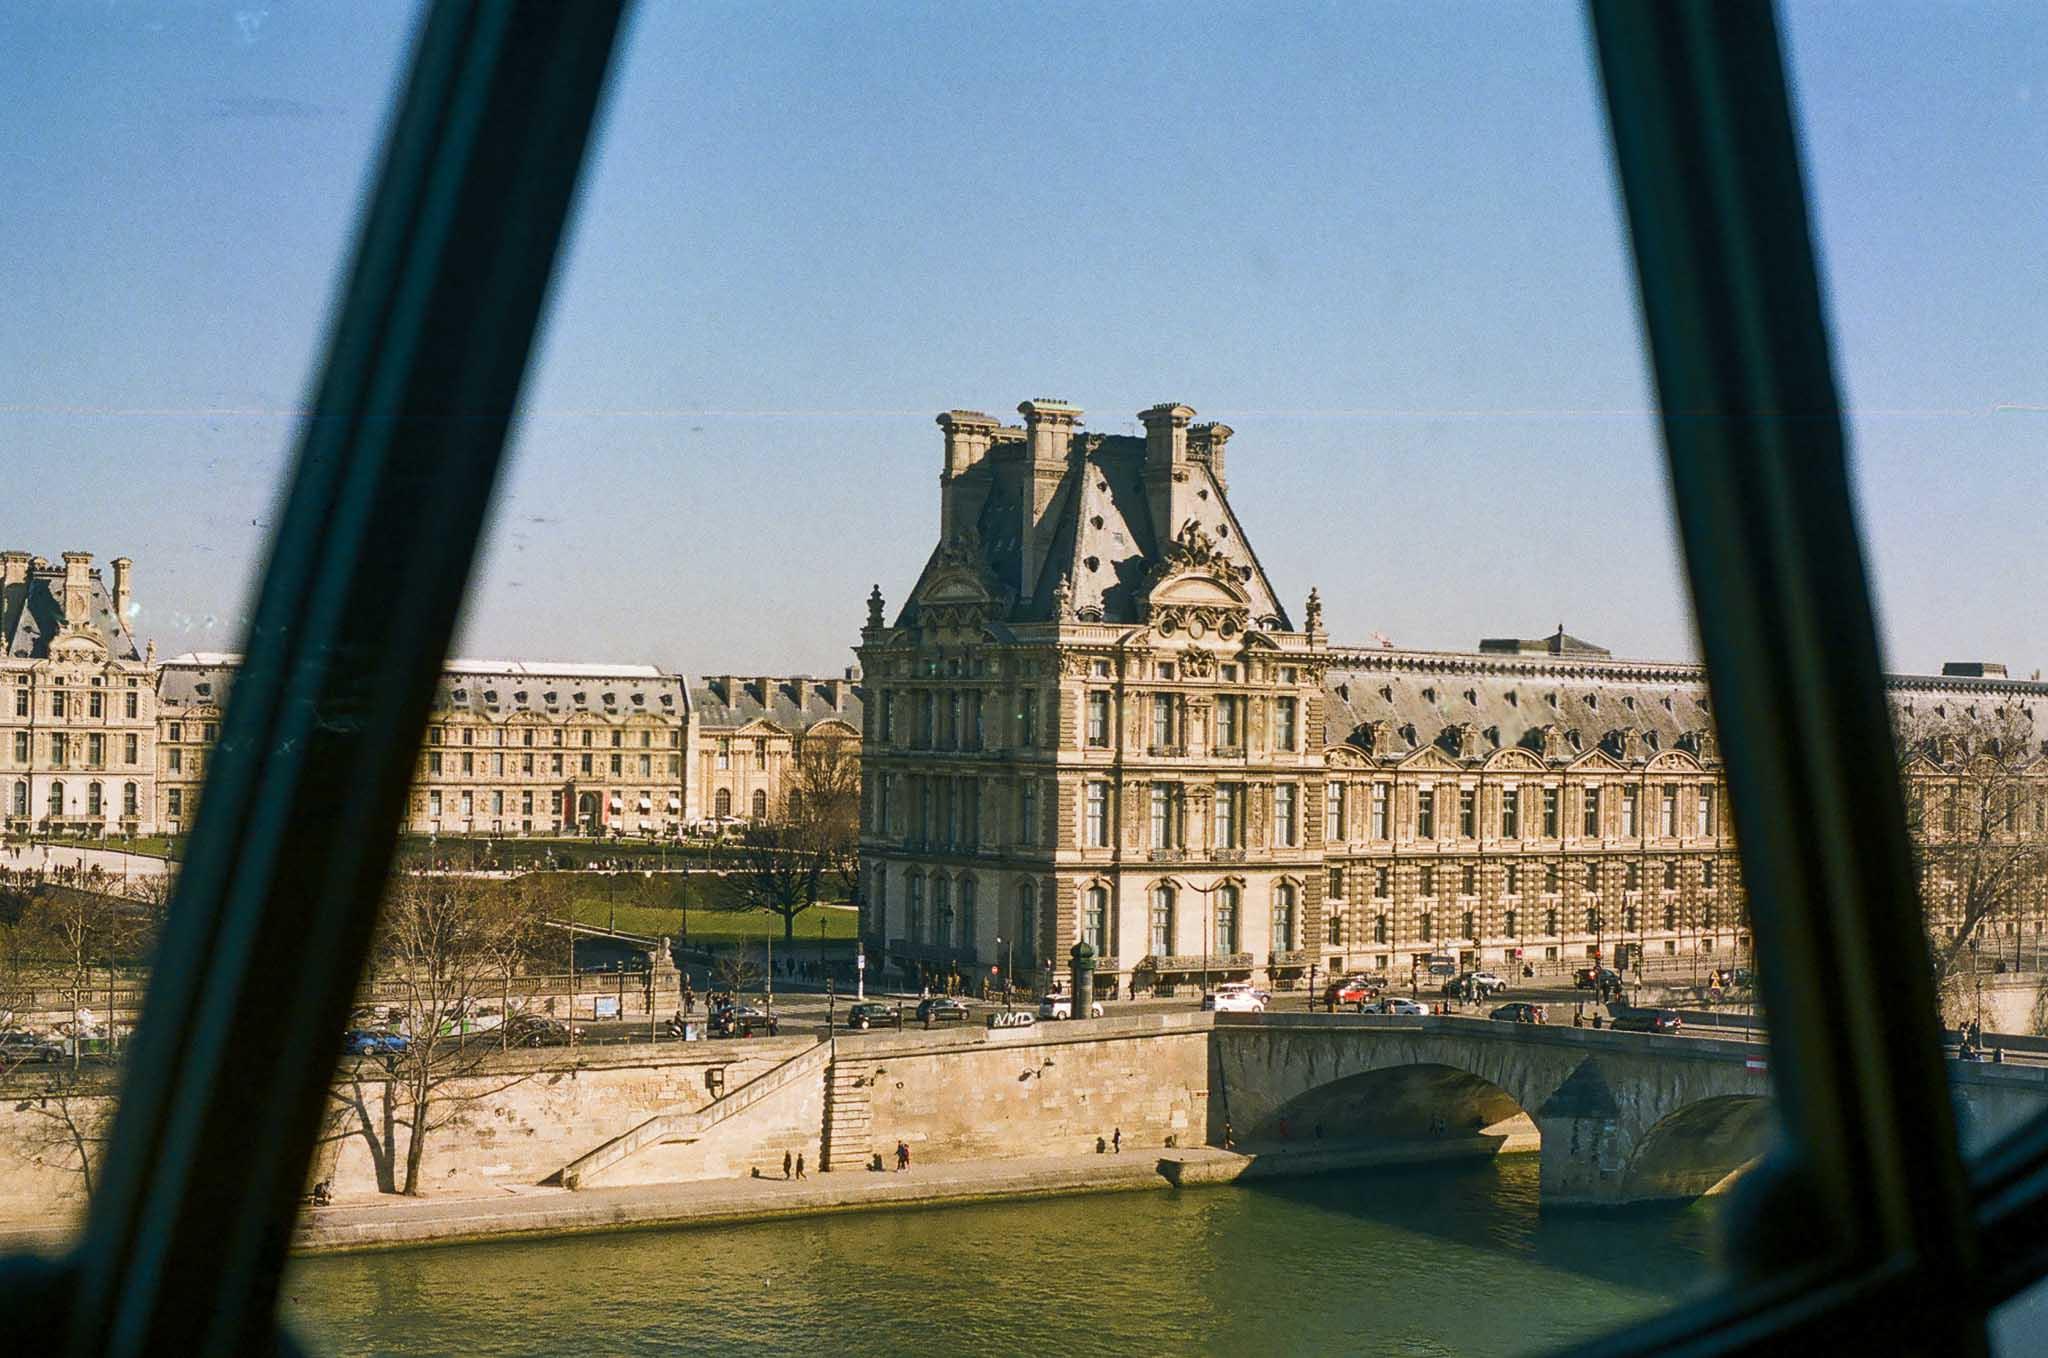 Paryż na weekend. Dzień 2: muzea, artyści, ser i bagietki